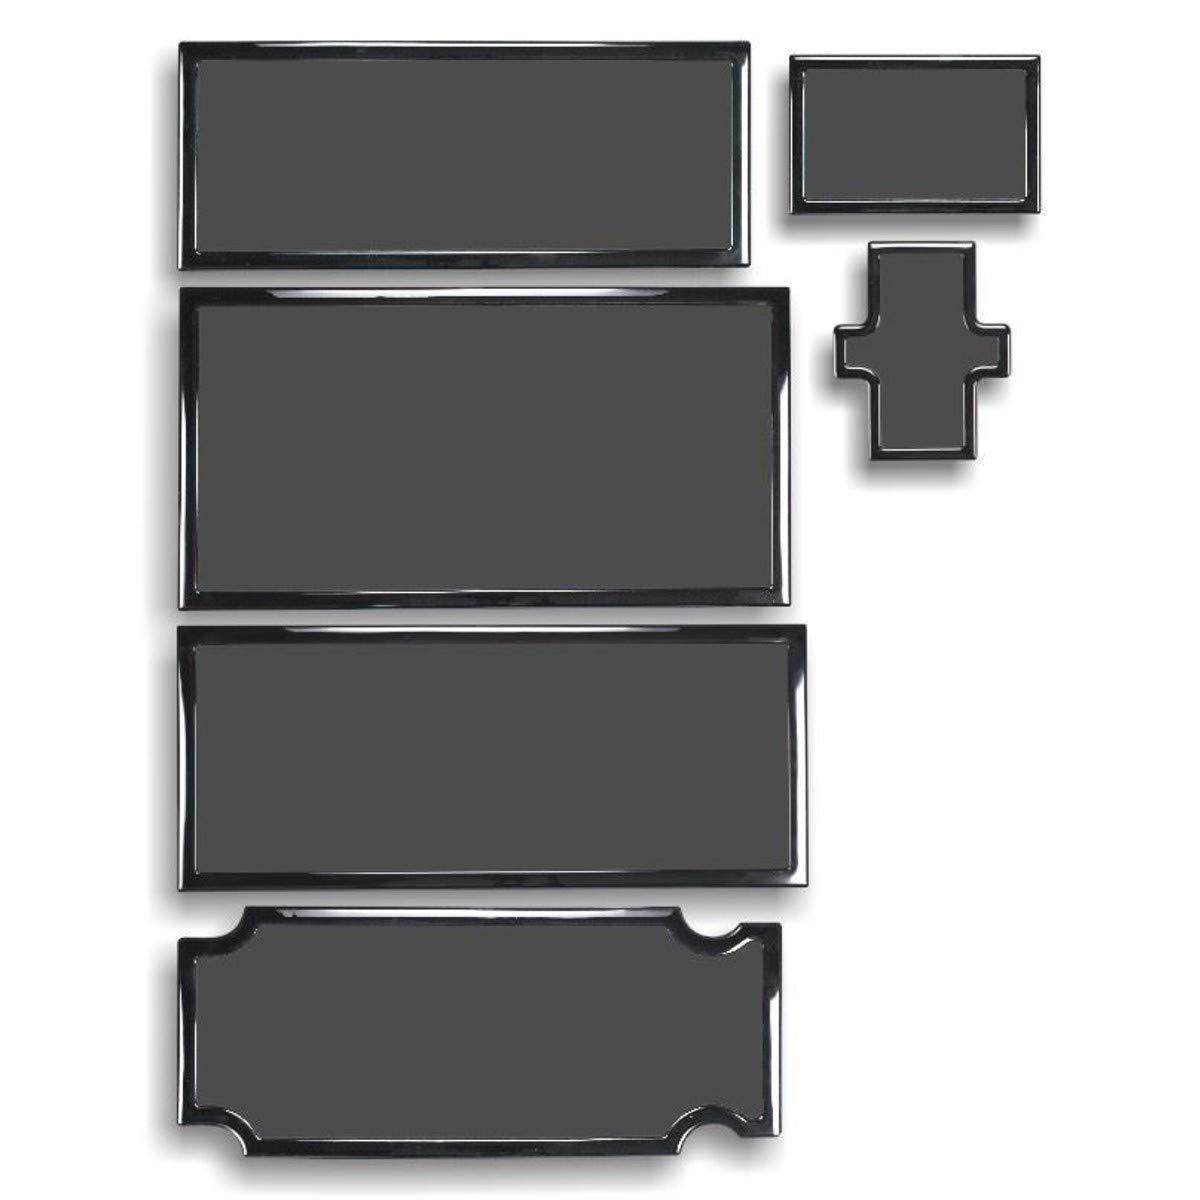 DEMCiflex Dust Filter Kit for Thermaltake Core X71, Black Frame/Black Mesh